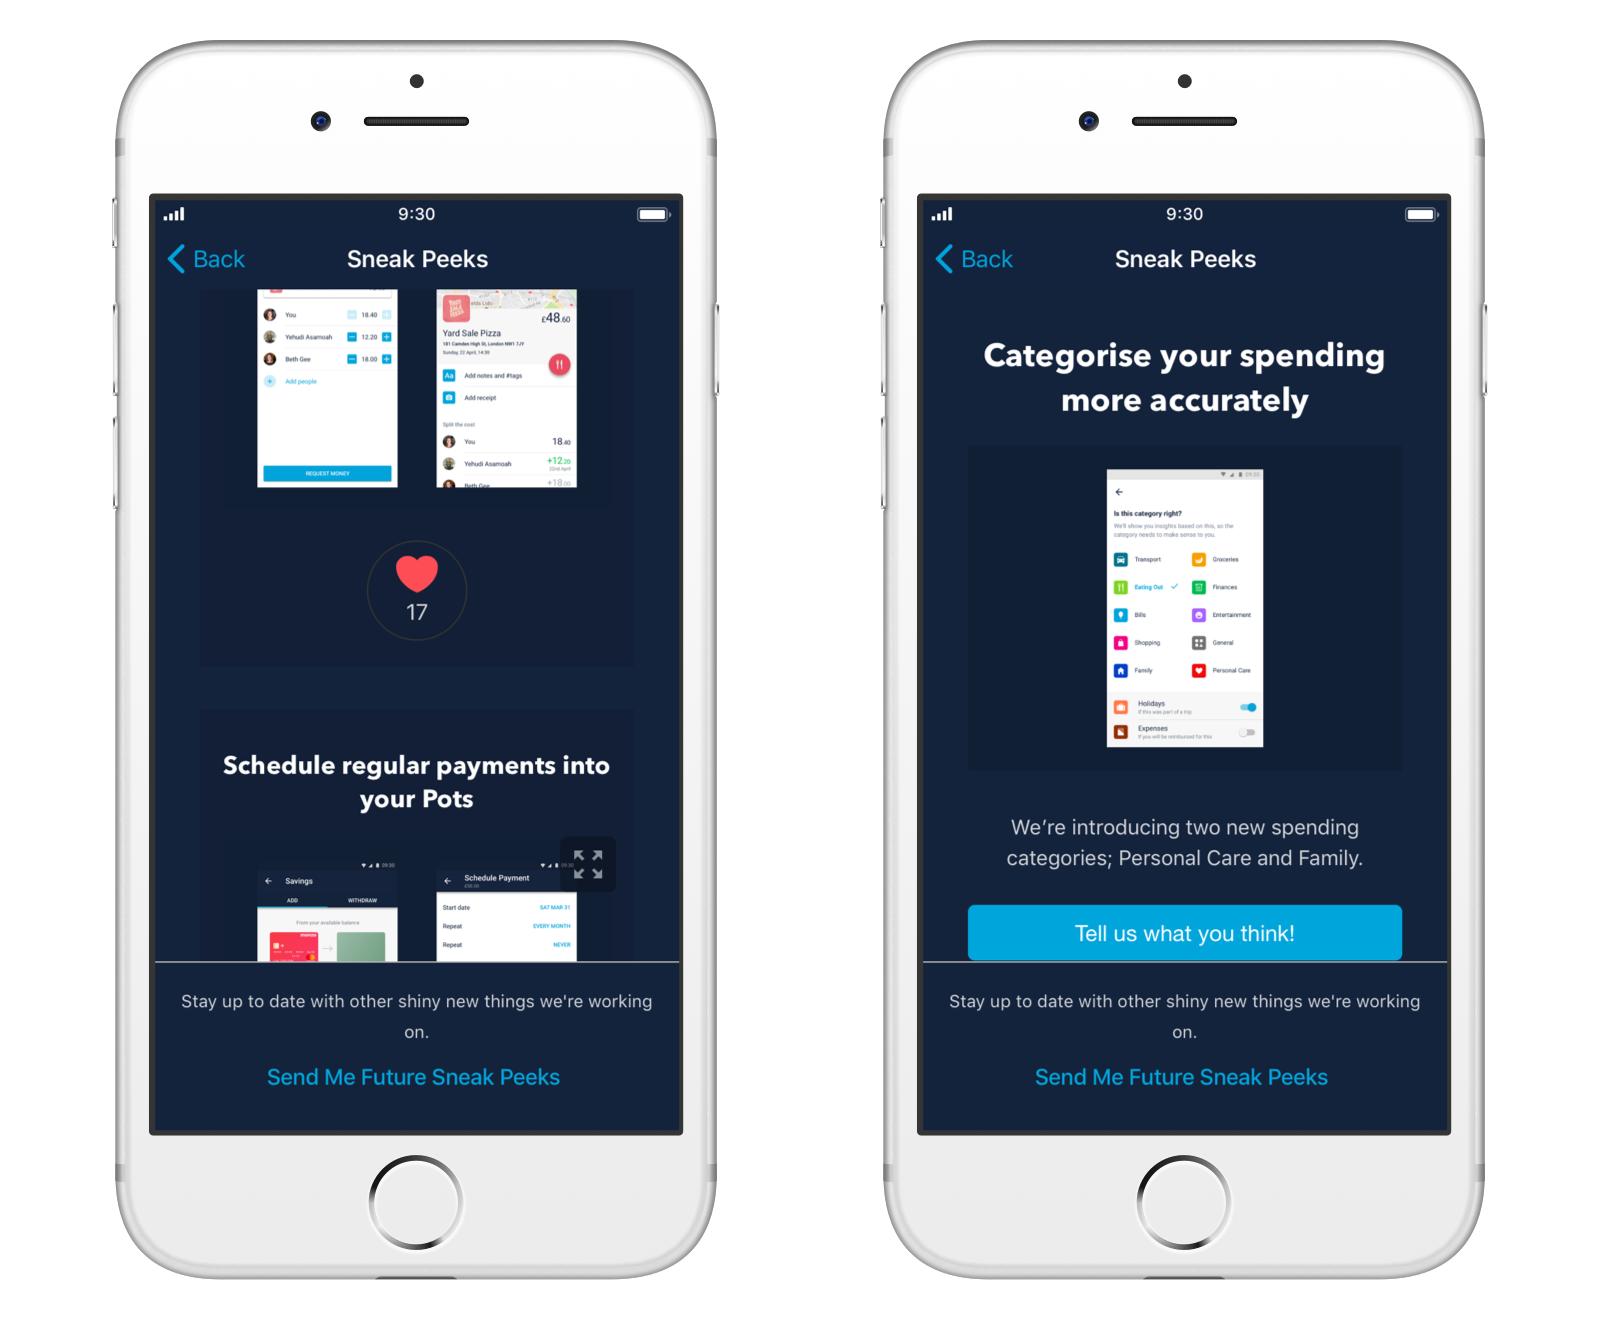 Screen showing Sneak Peeks in the Monzo app